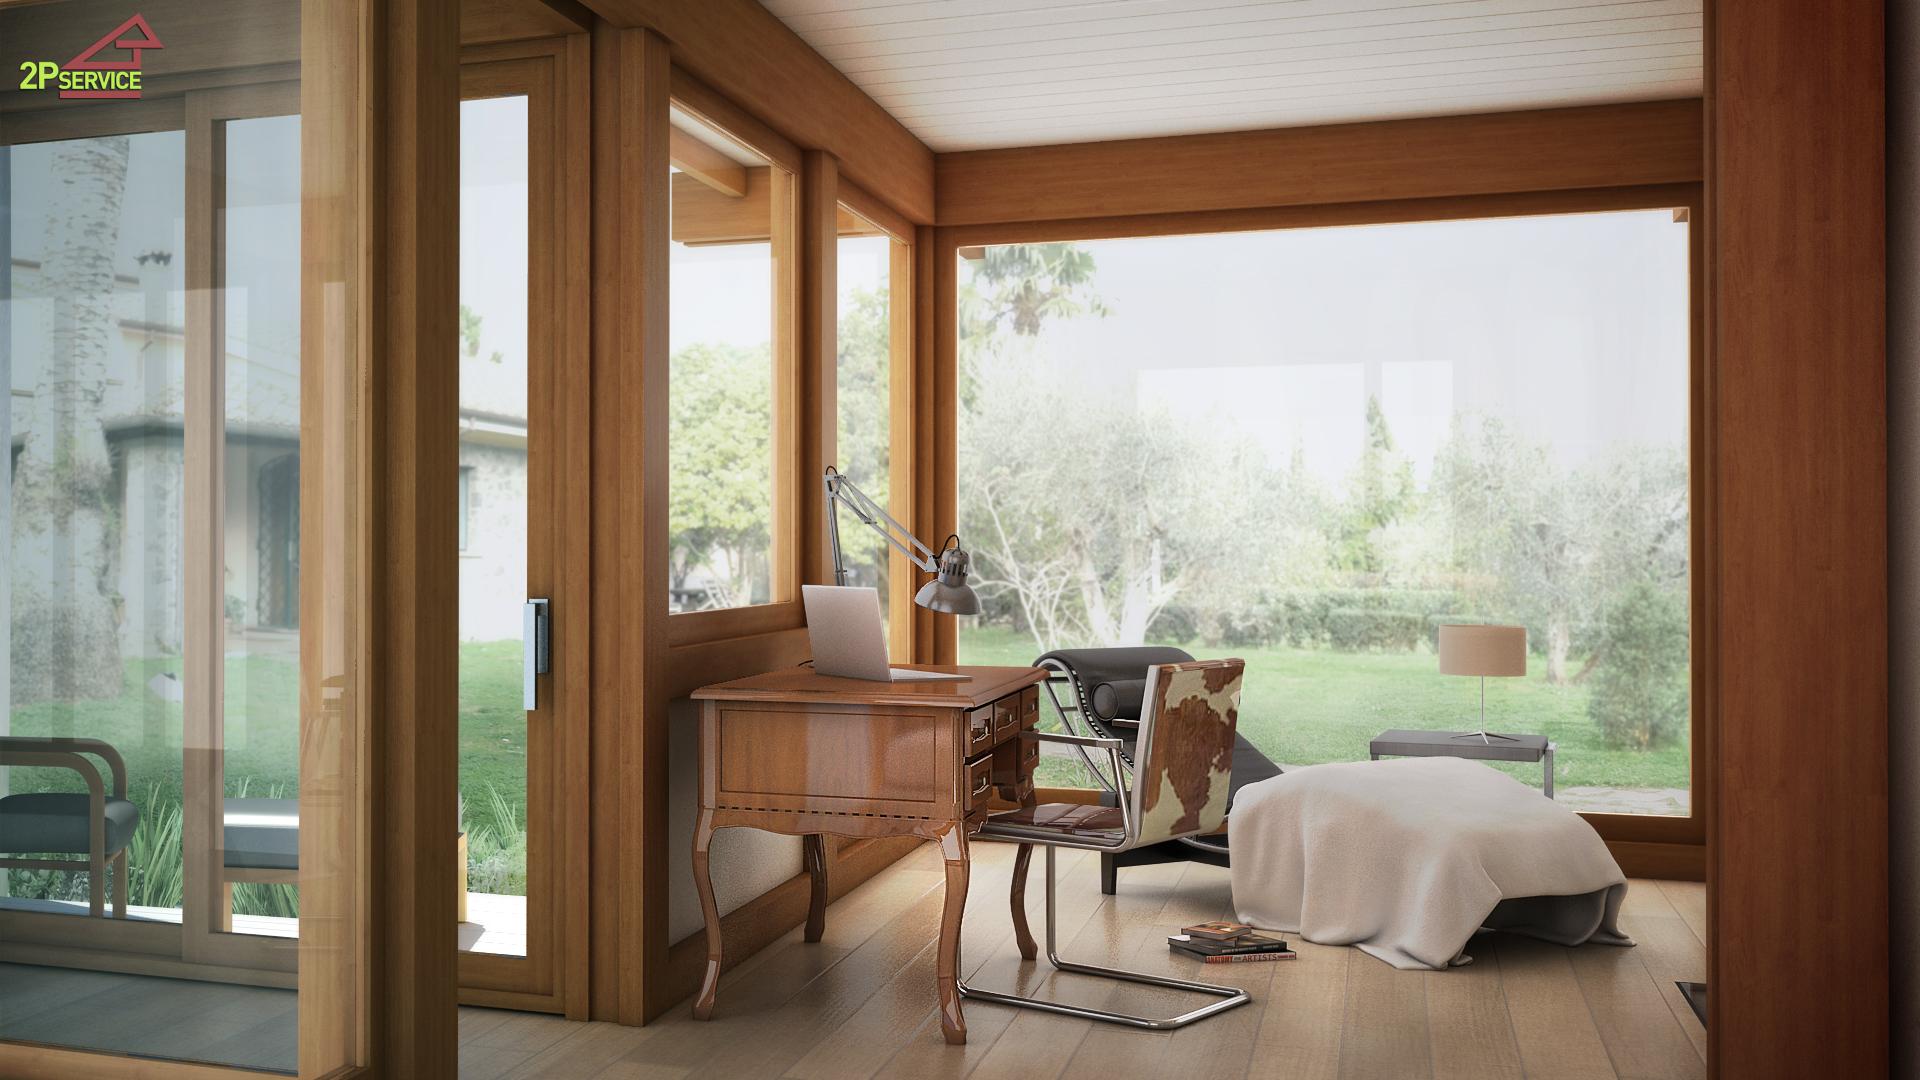 Ampliamento casa con struttura in legno manzin - Ampliamento casa con veranda ...